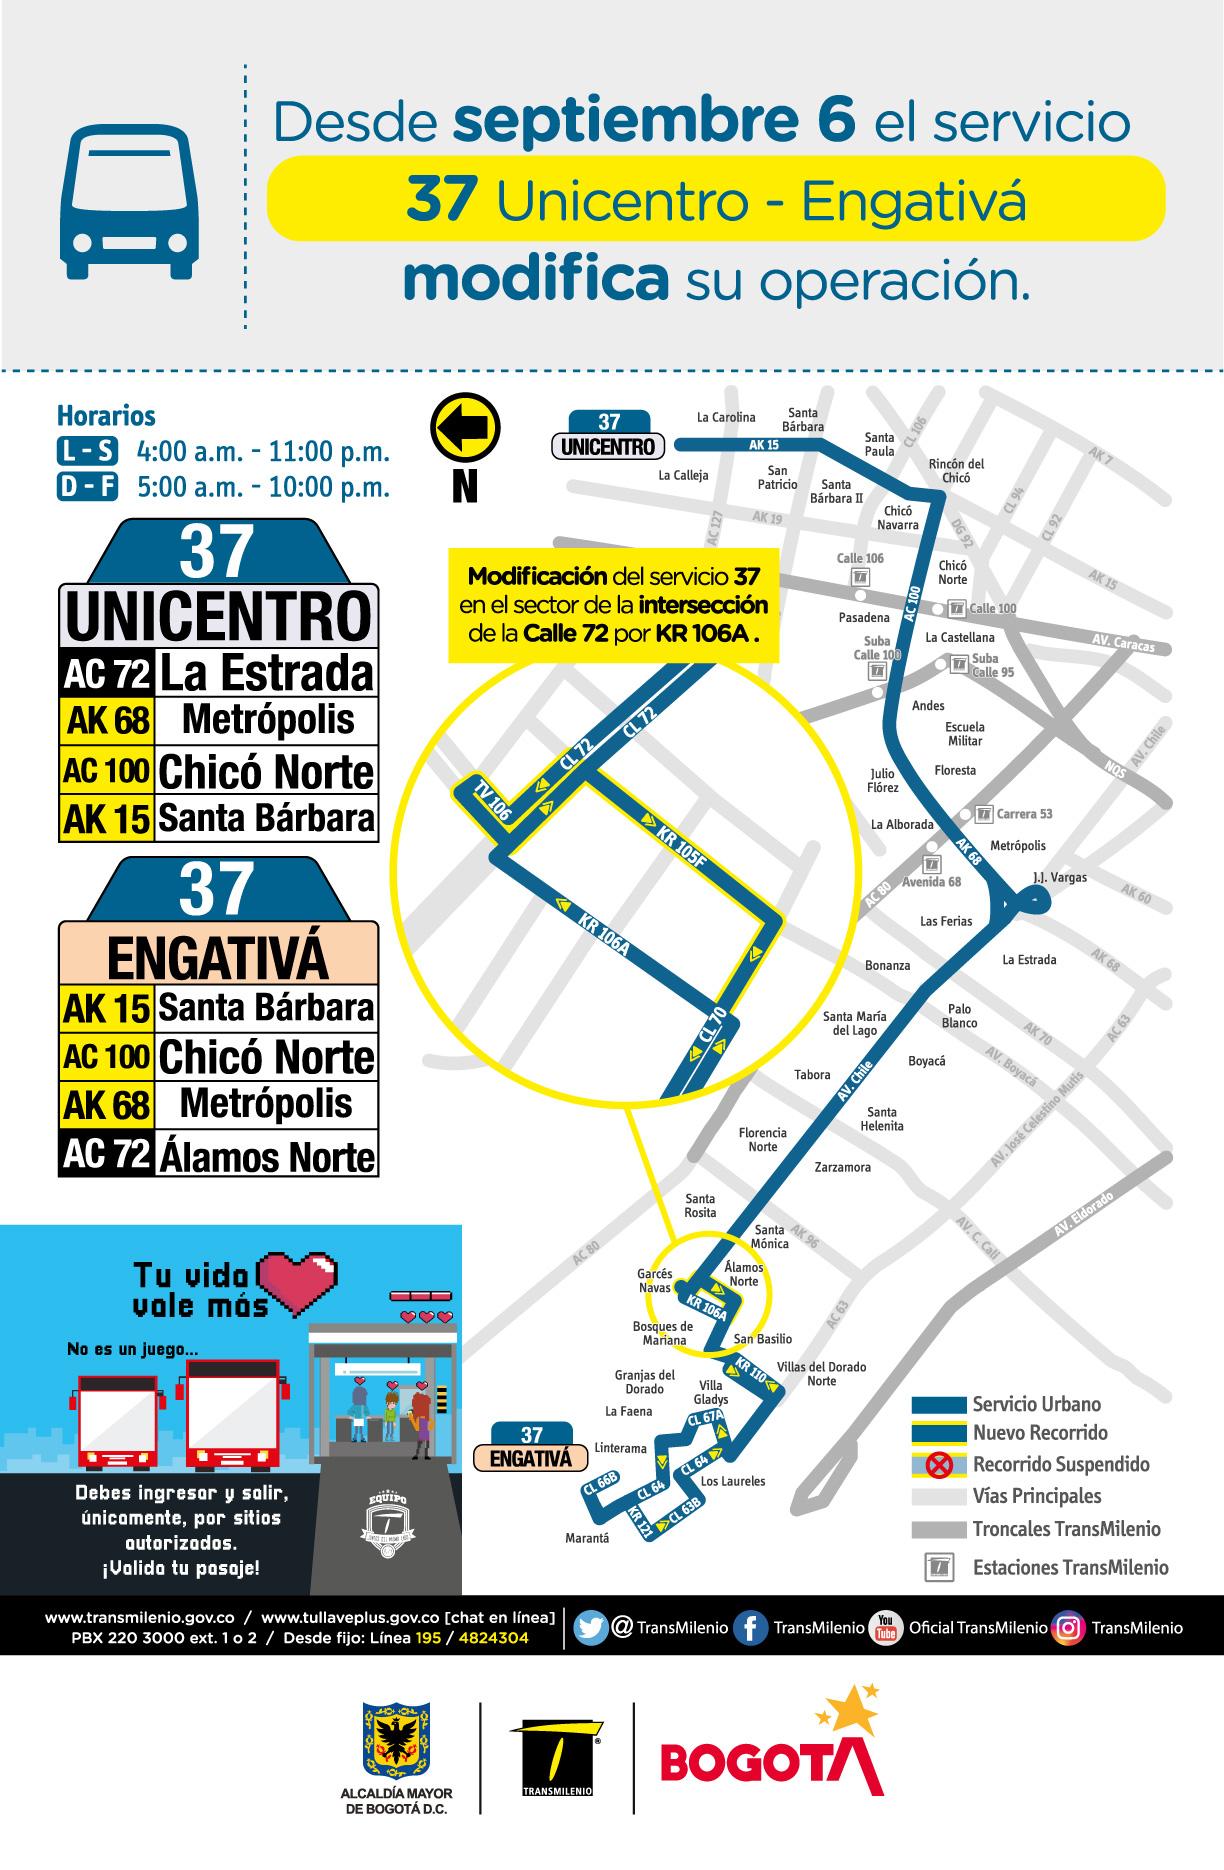 Servicio zonal 37 Unicentro - Engativá modifica su operación